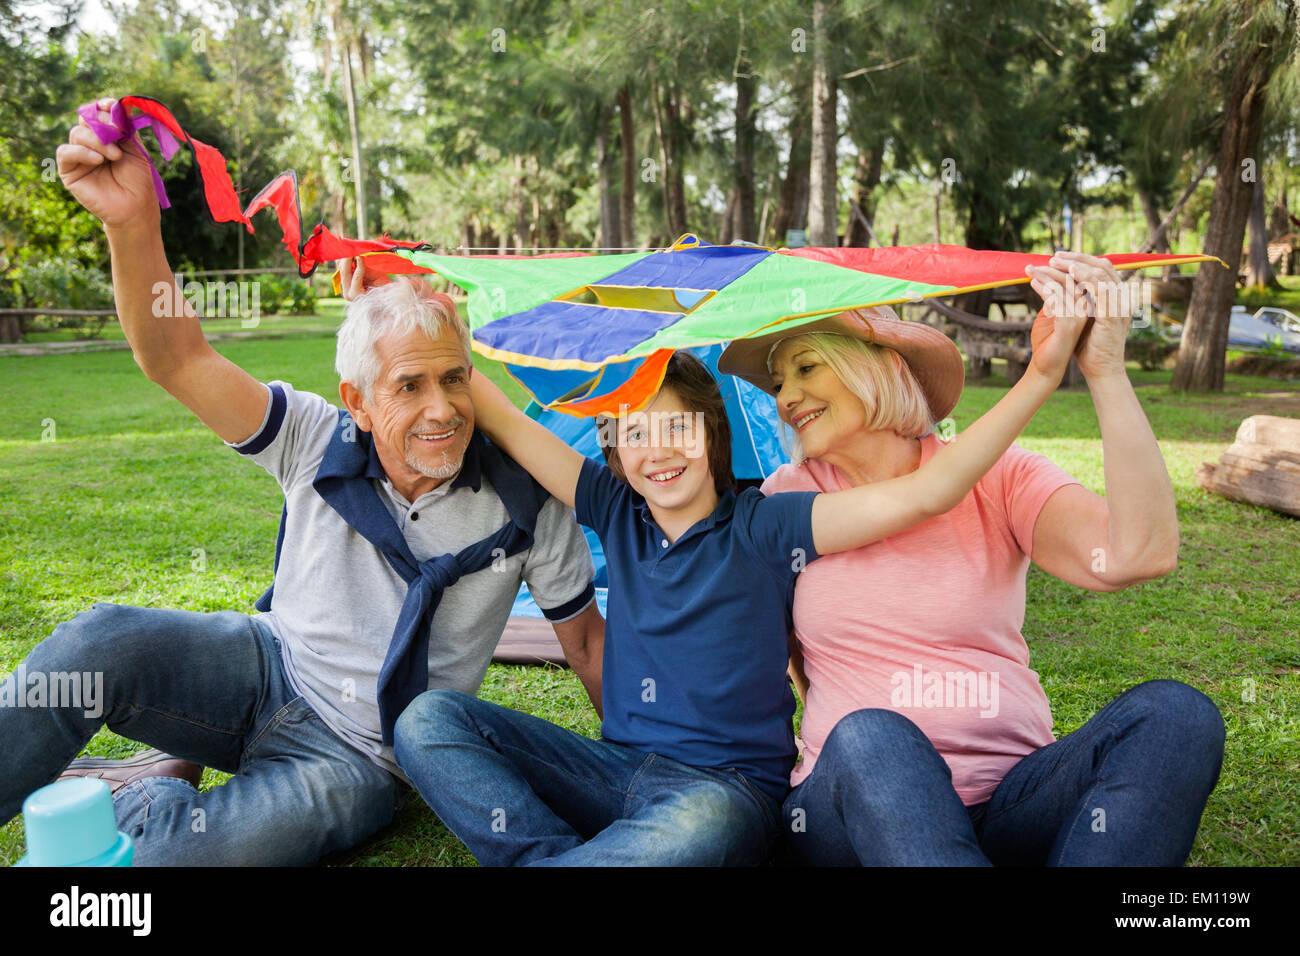 Fröhlicher Junge mit Großeltern halten Kite auf Campingplatz Stockbild